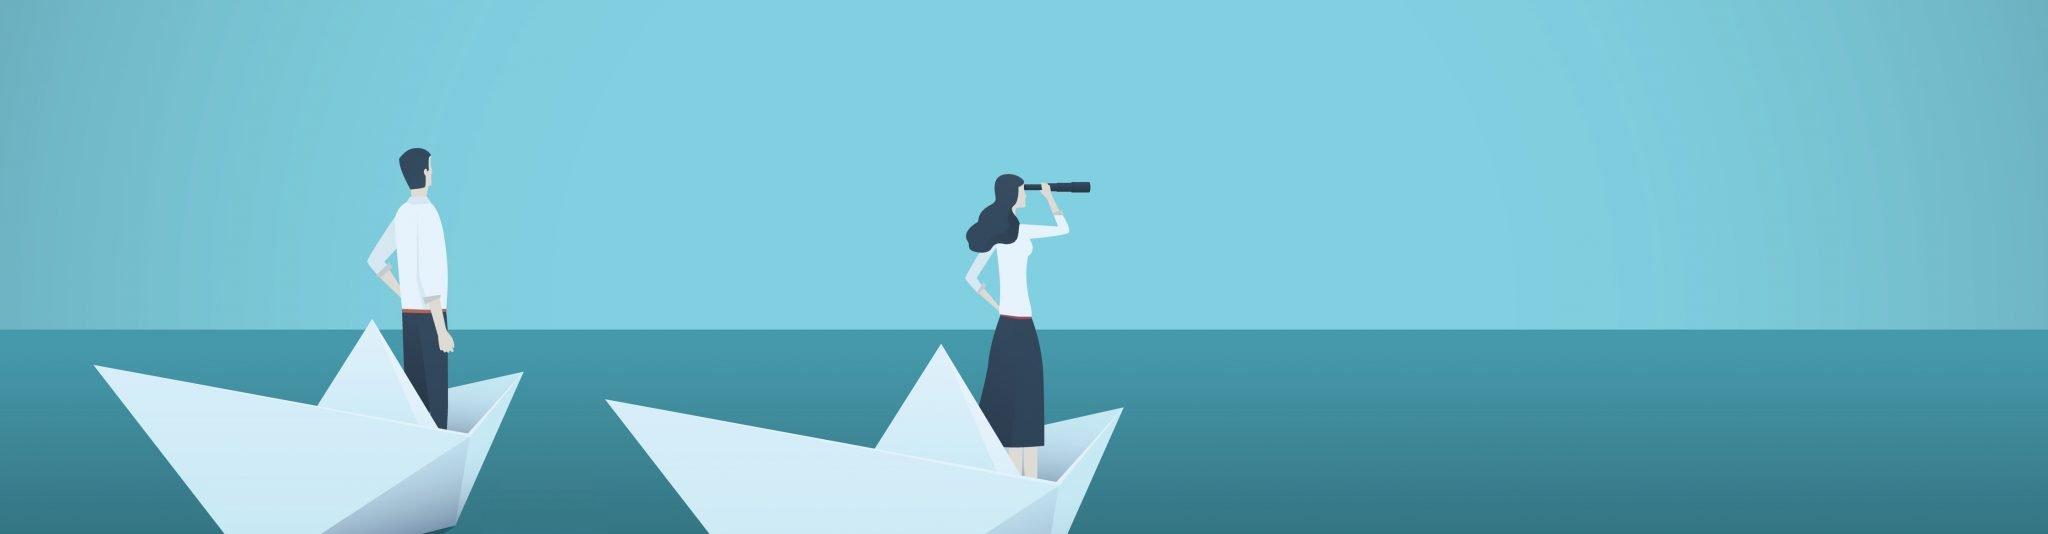 Symbolgrafik für Erfolg im Job: Frau und Mann blicken in die Ferne